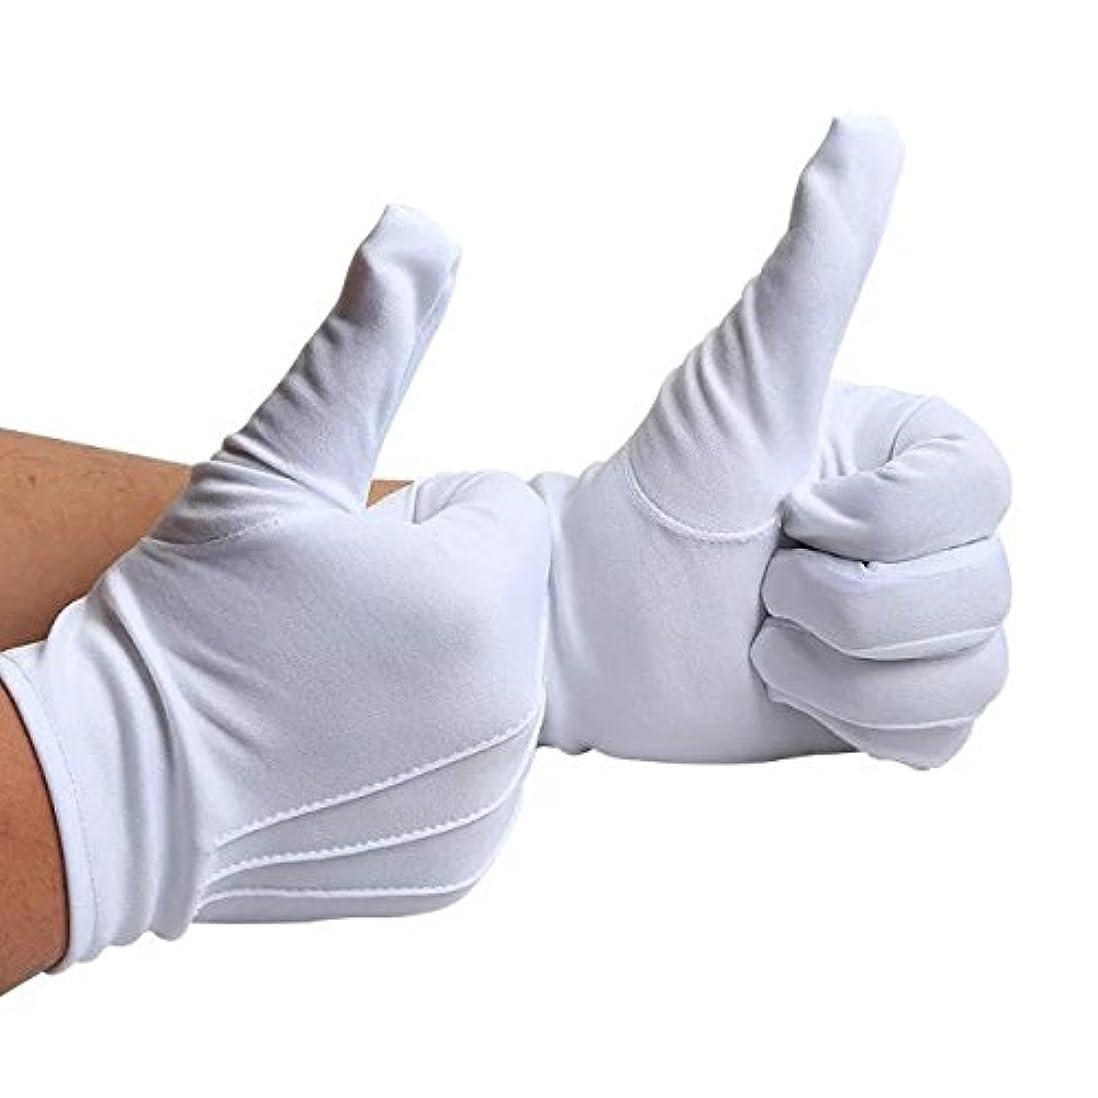 刃それる過ち【10双組セット】 ナイロン 手袋 白 紳士 水洗い可 スリット無し